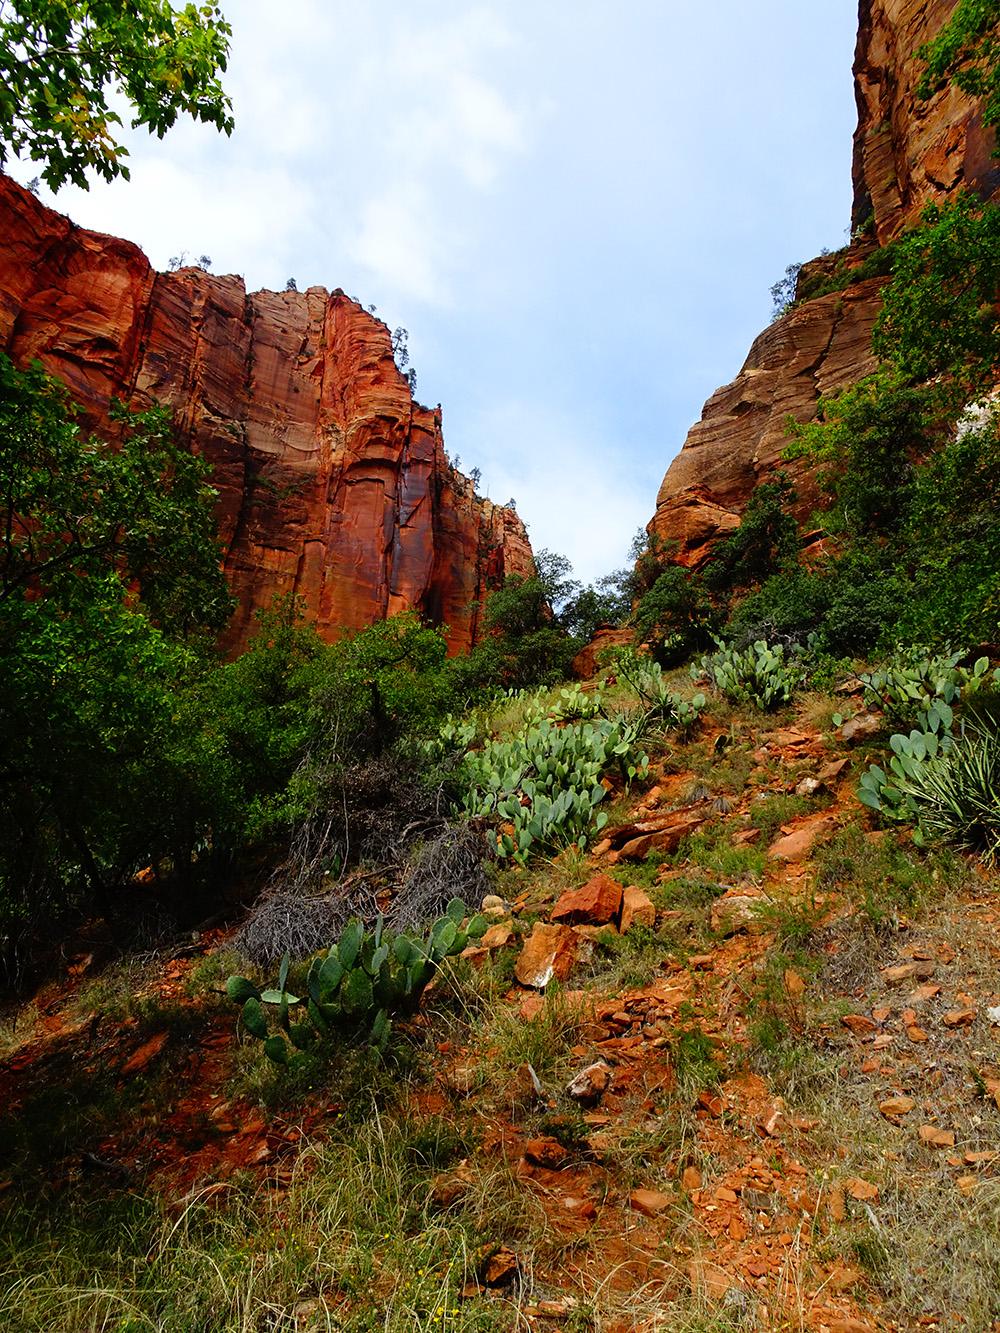 Het kleurrijke natuurpark Zion National Park